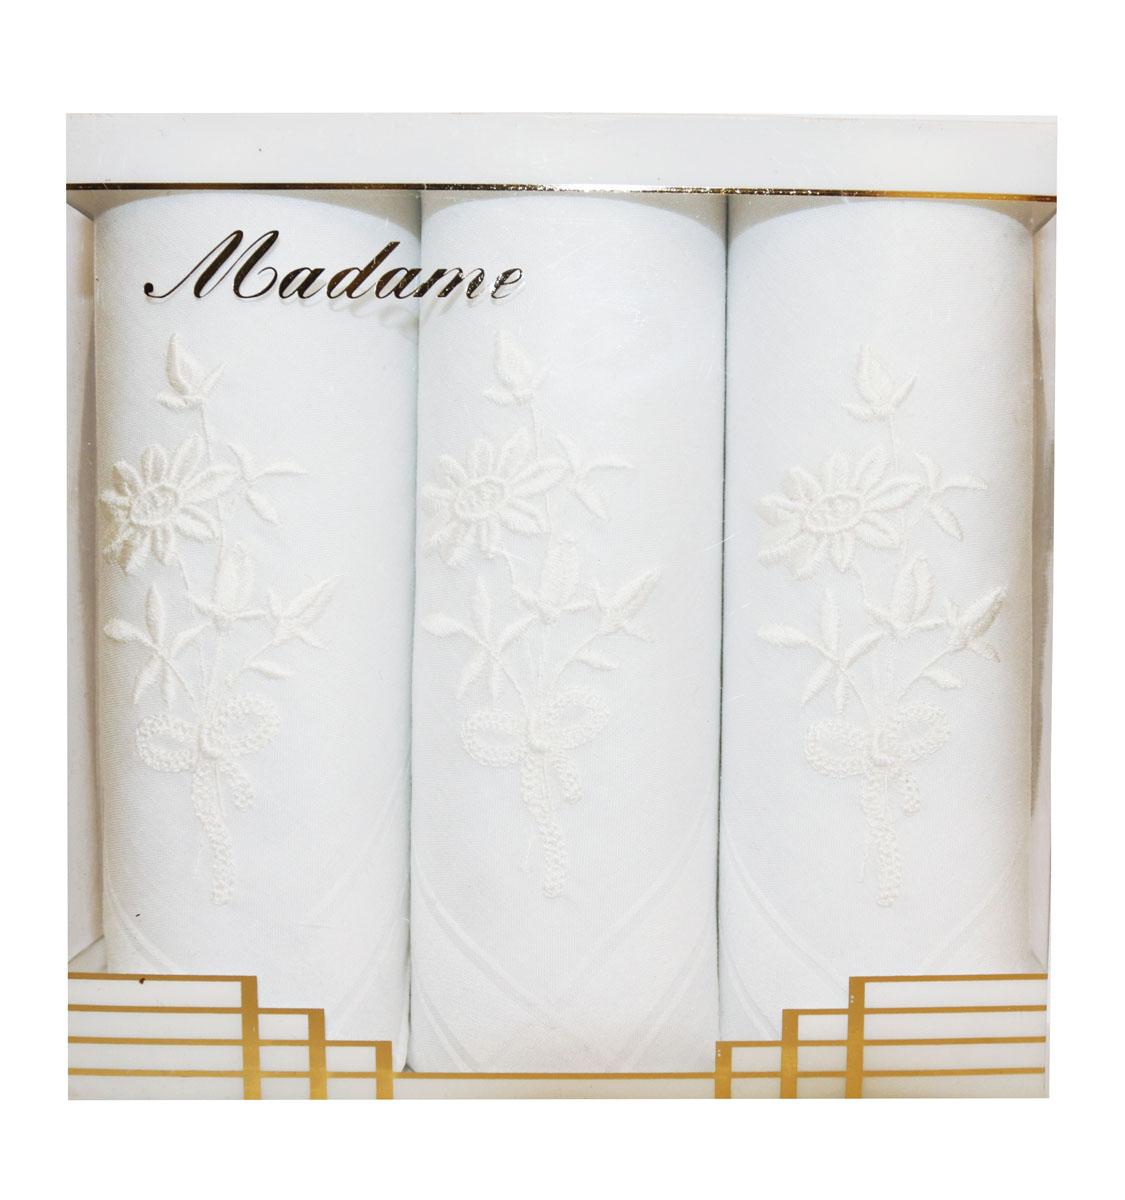 06601-1 Zlata Korunka Носовой платок женский, цвет: мультиколор, 30х30 см, 3 шт06601-1Платки носовые женские в упаковке по 3 шт. Носовые платки изготовлены из 100% хлопка, так как этот материал приятен в использовании, хорошо стирается, не садится, отлично впитывает влагу.